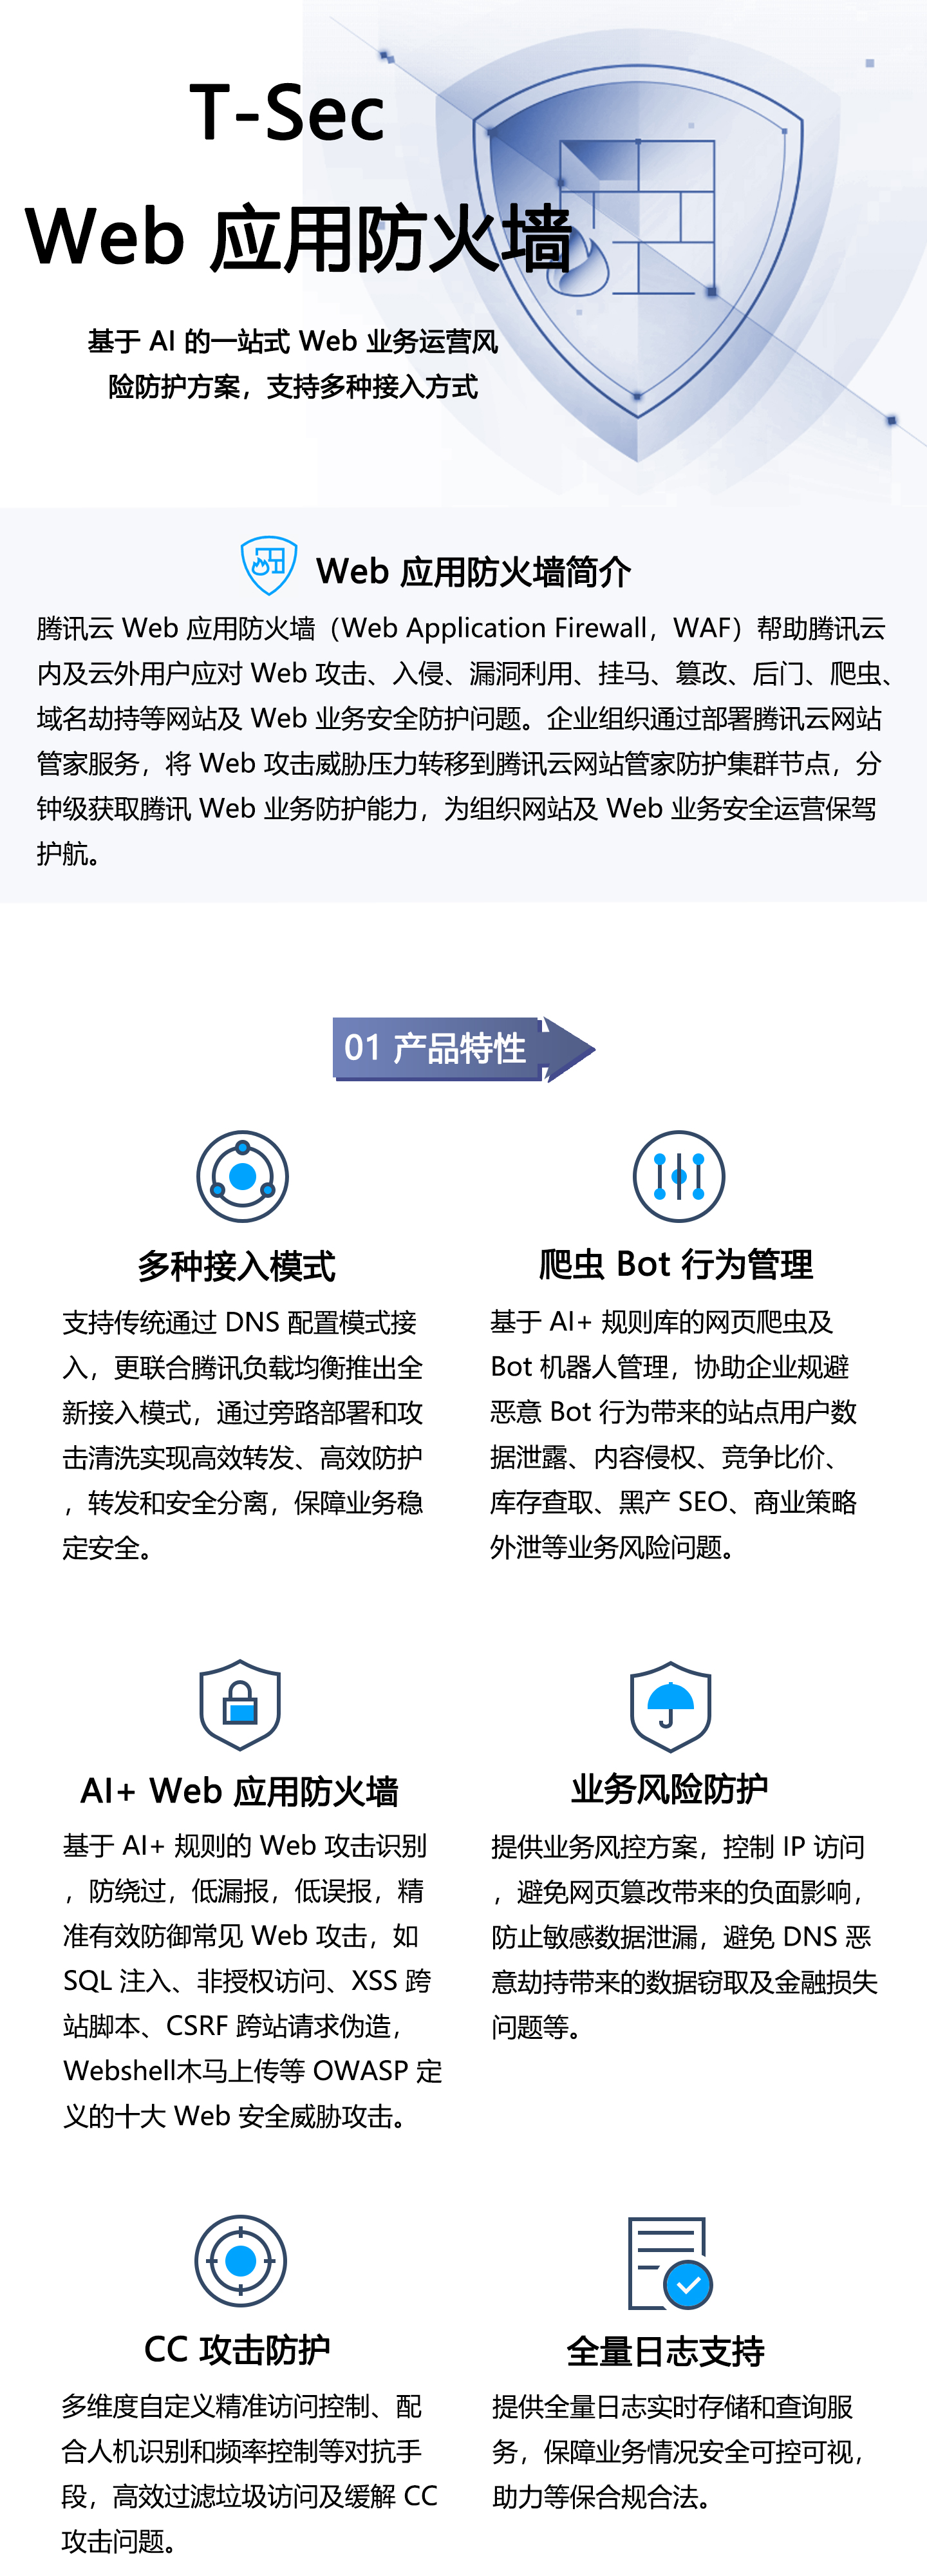 T-Sec-Web-应用防火墙1440_01.jpg